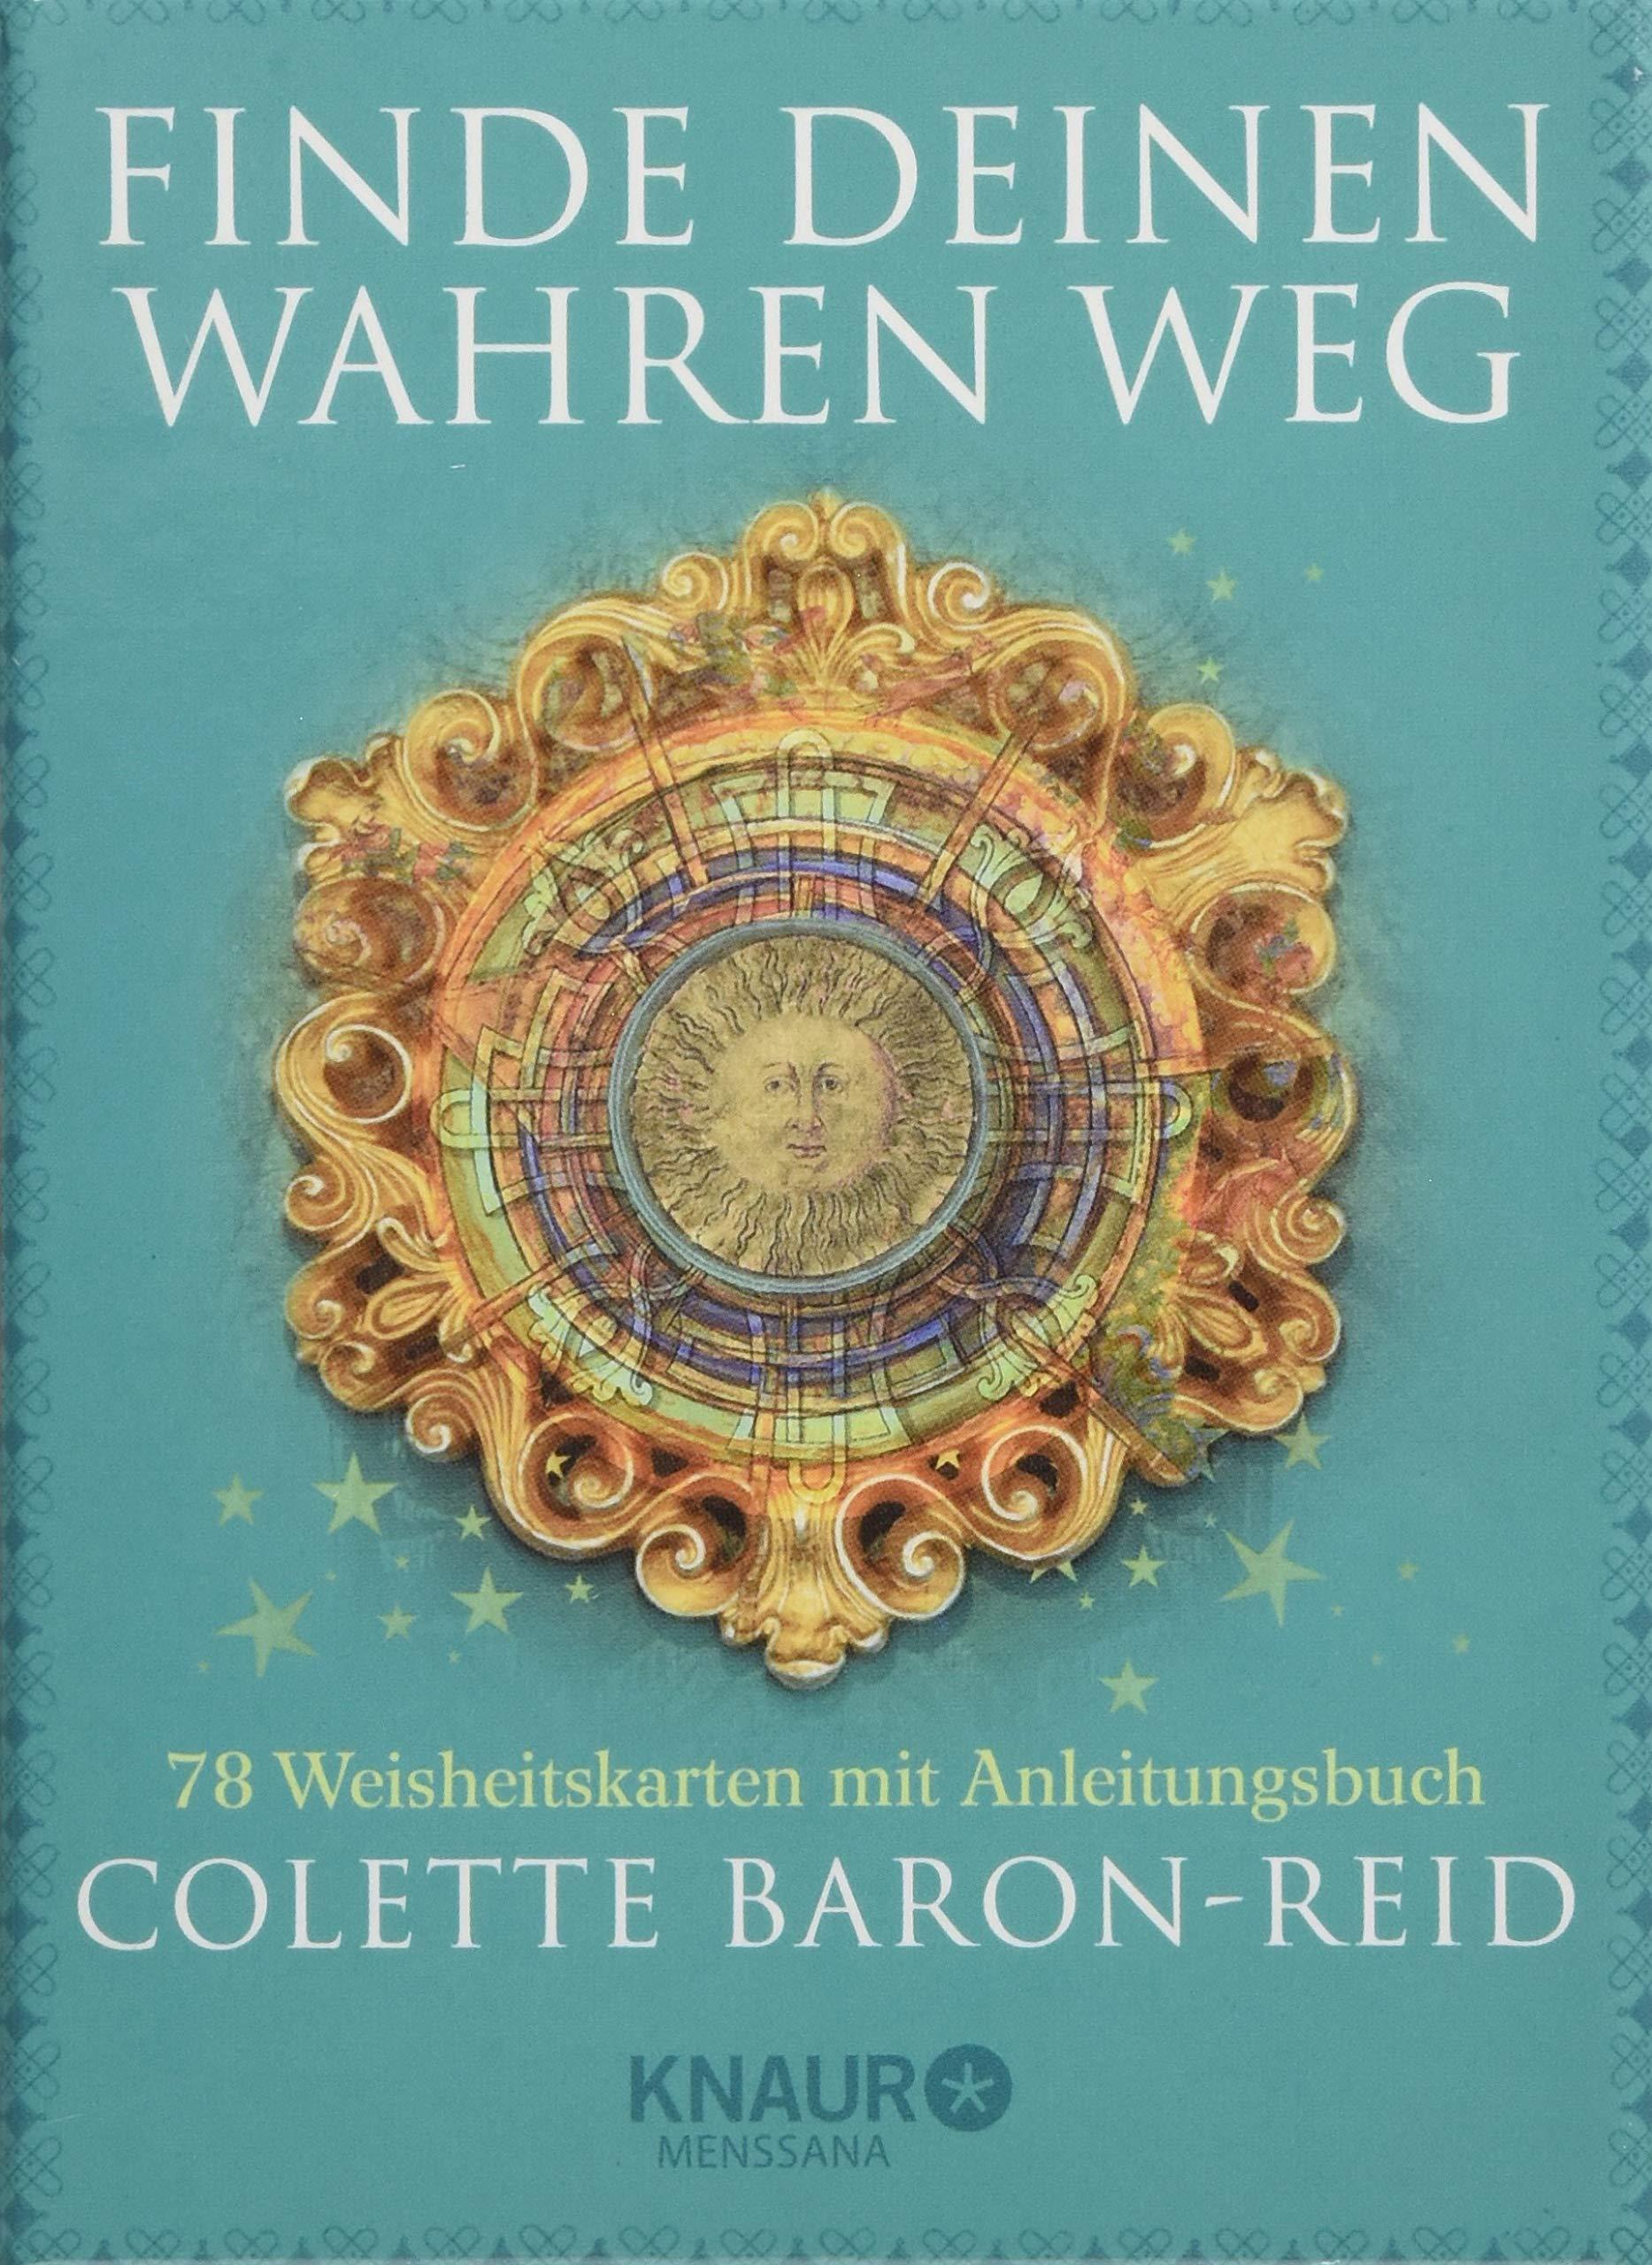 Finde Deinen Wahren Weg  78 Weisheitskarten Mit Anleitungsbuch